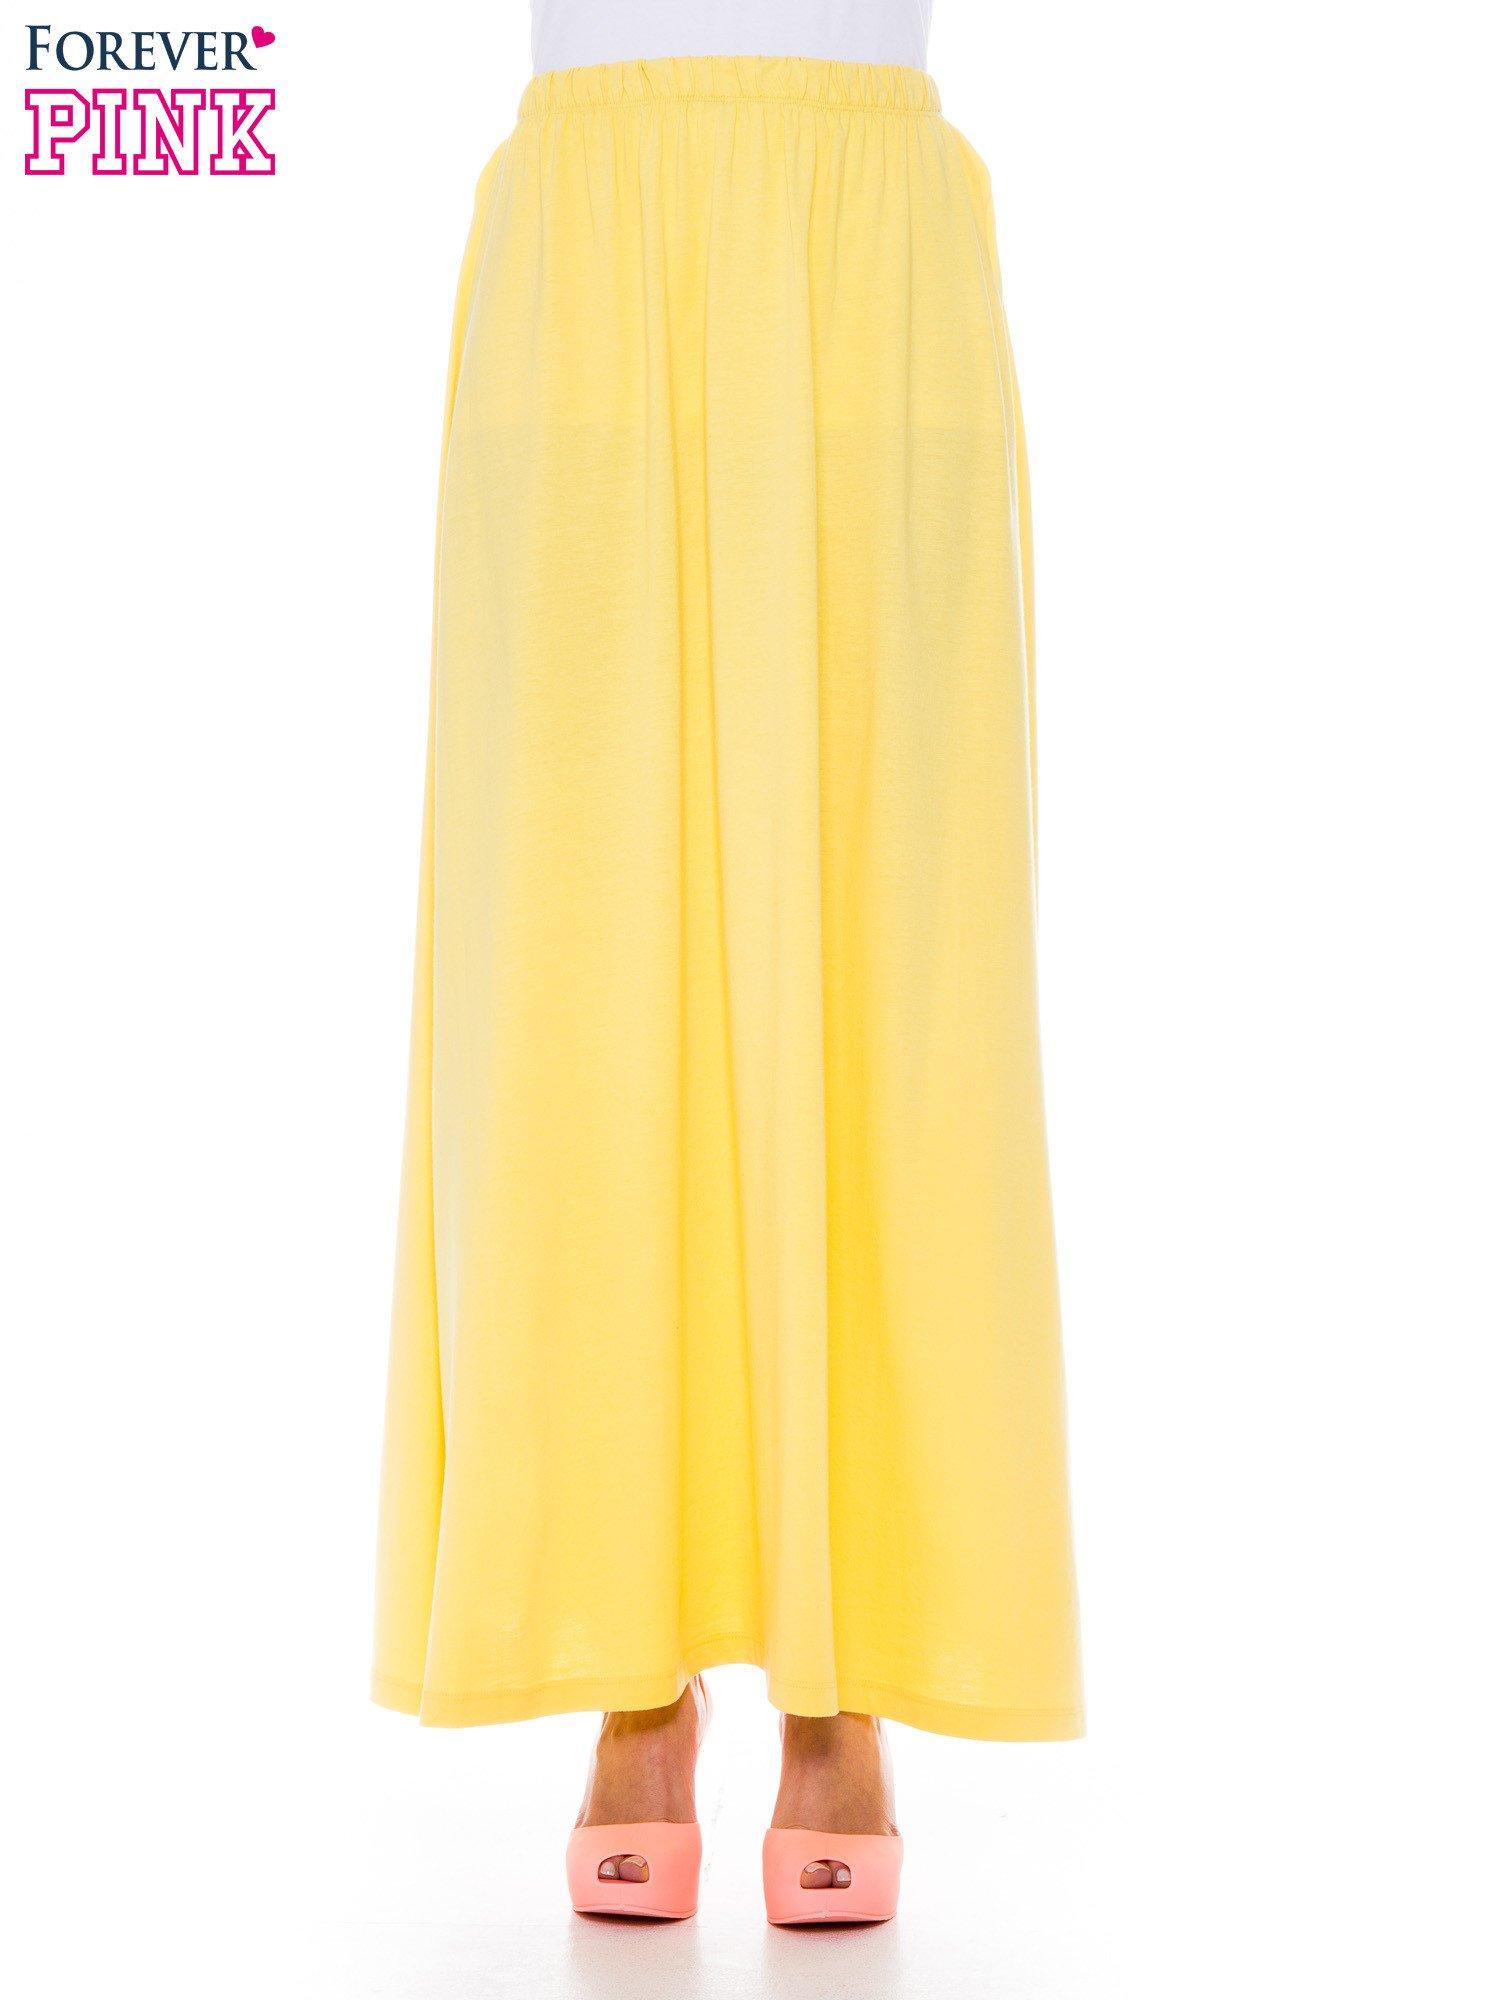 Ciemnożółta zwiewna spódnica maxi                                  zdj.                                  1